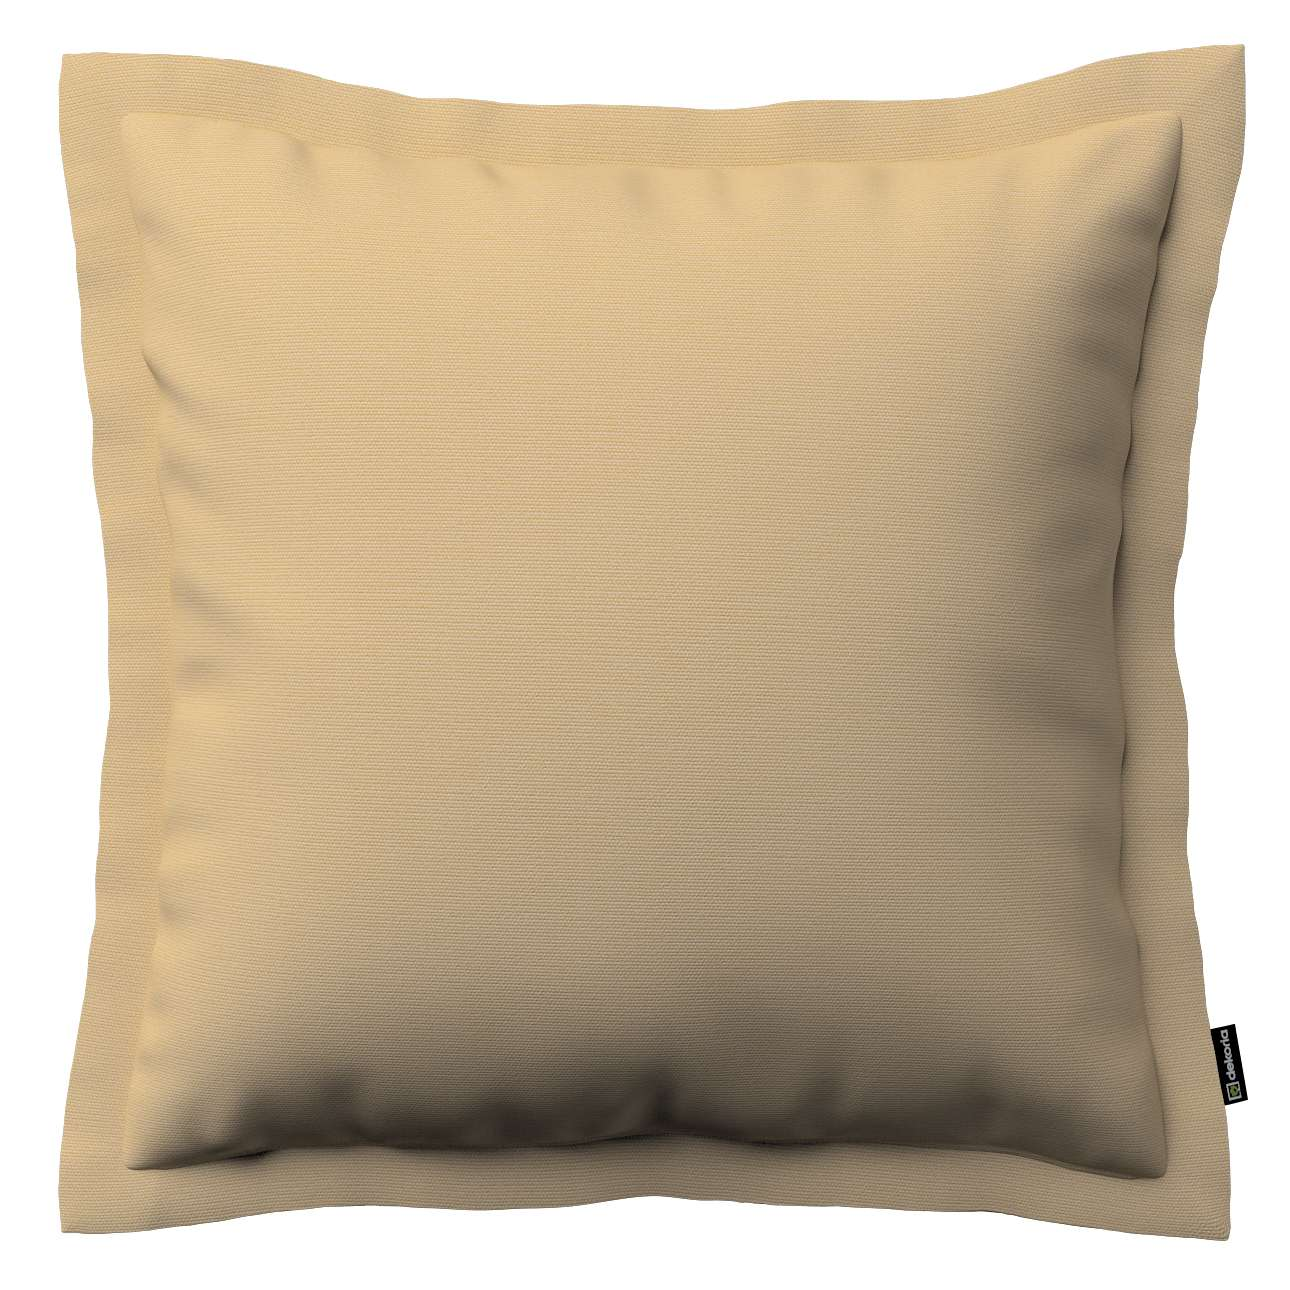 Mona dekoratyvinių pagalvėlių užvalkalas su sienele 45 x 45cm kolekcijoje Cotton Panama, audinys: 702-01